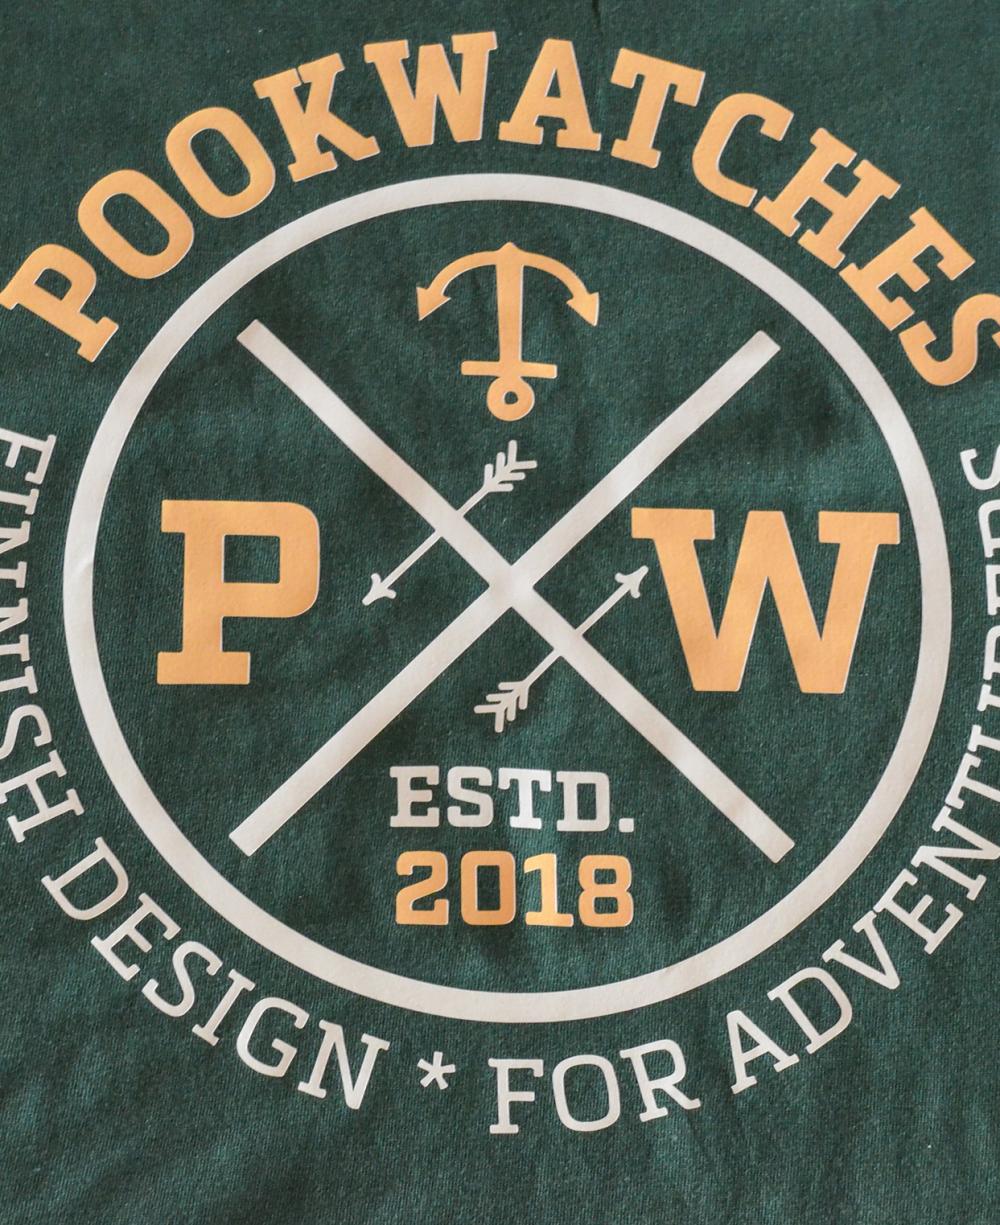 pookwatches.com T-Shirt